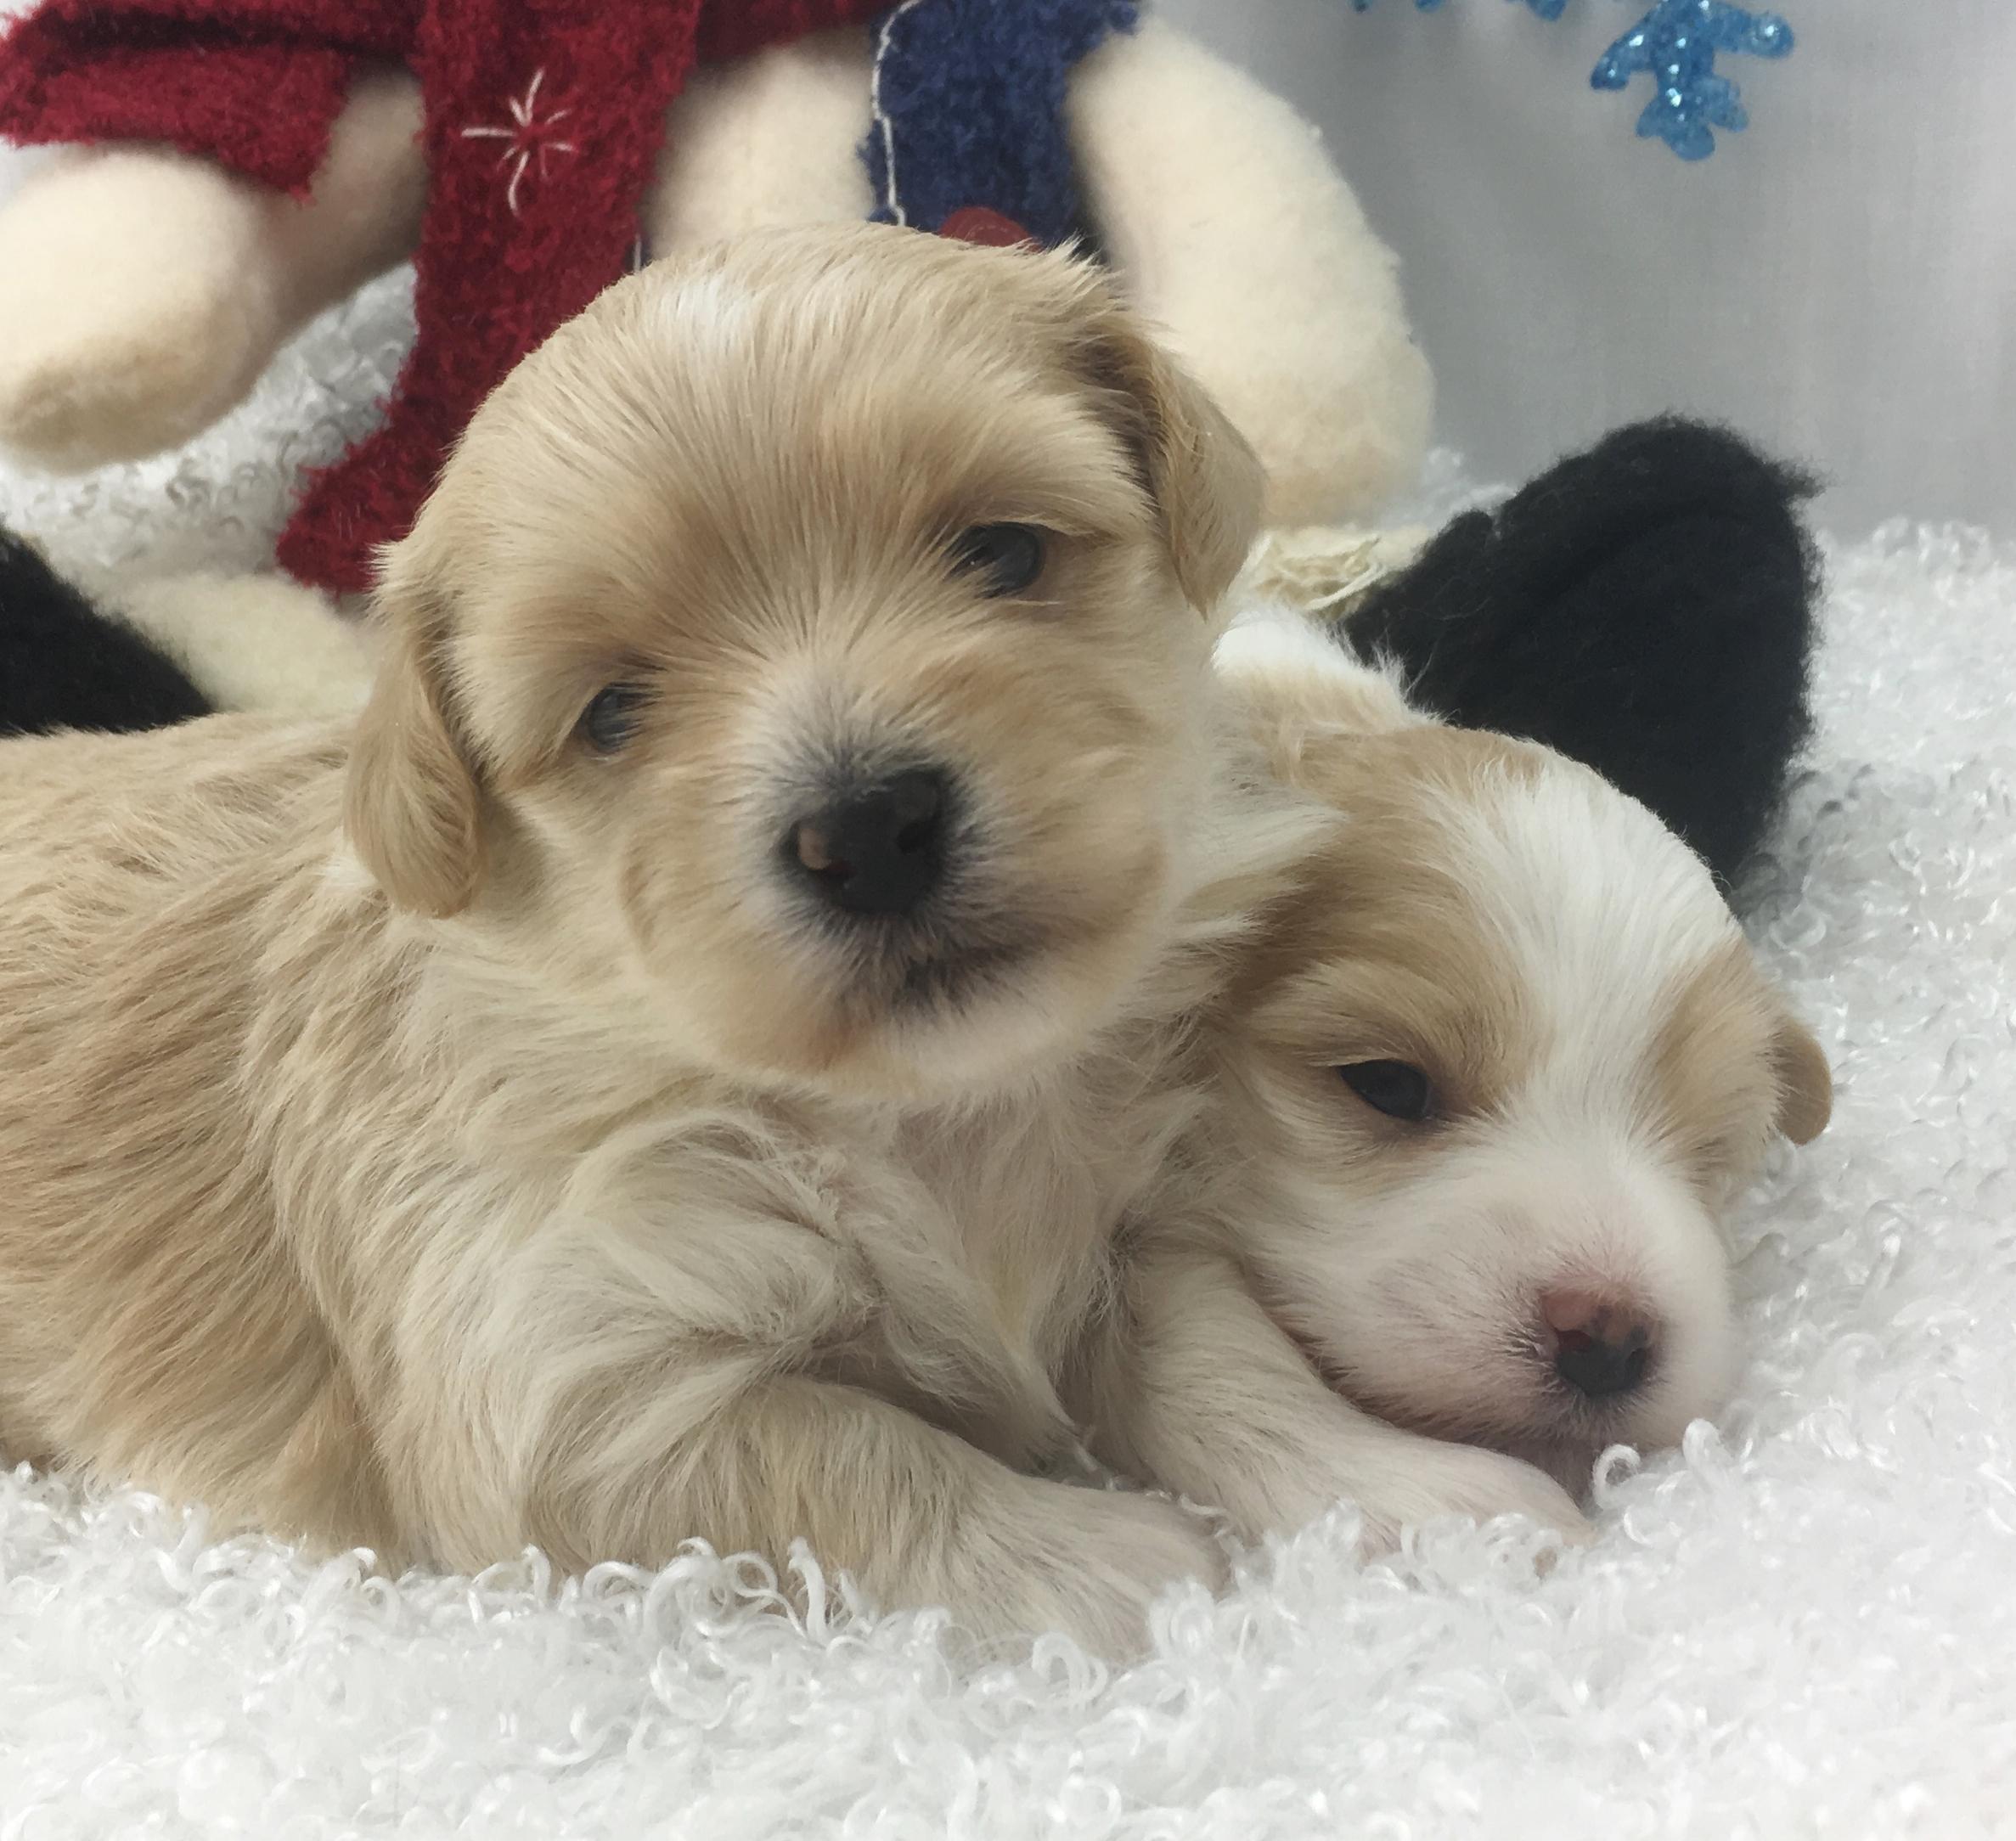 Happys-pup-4-1